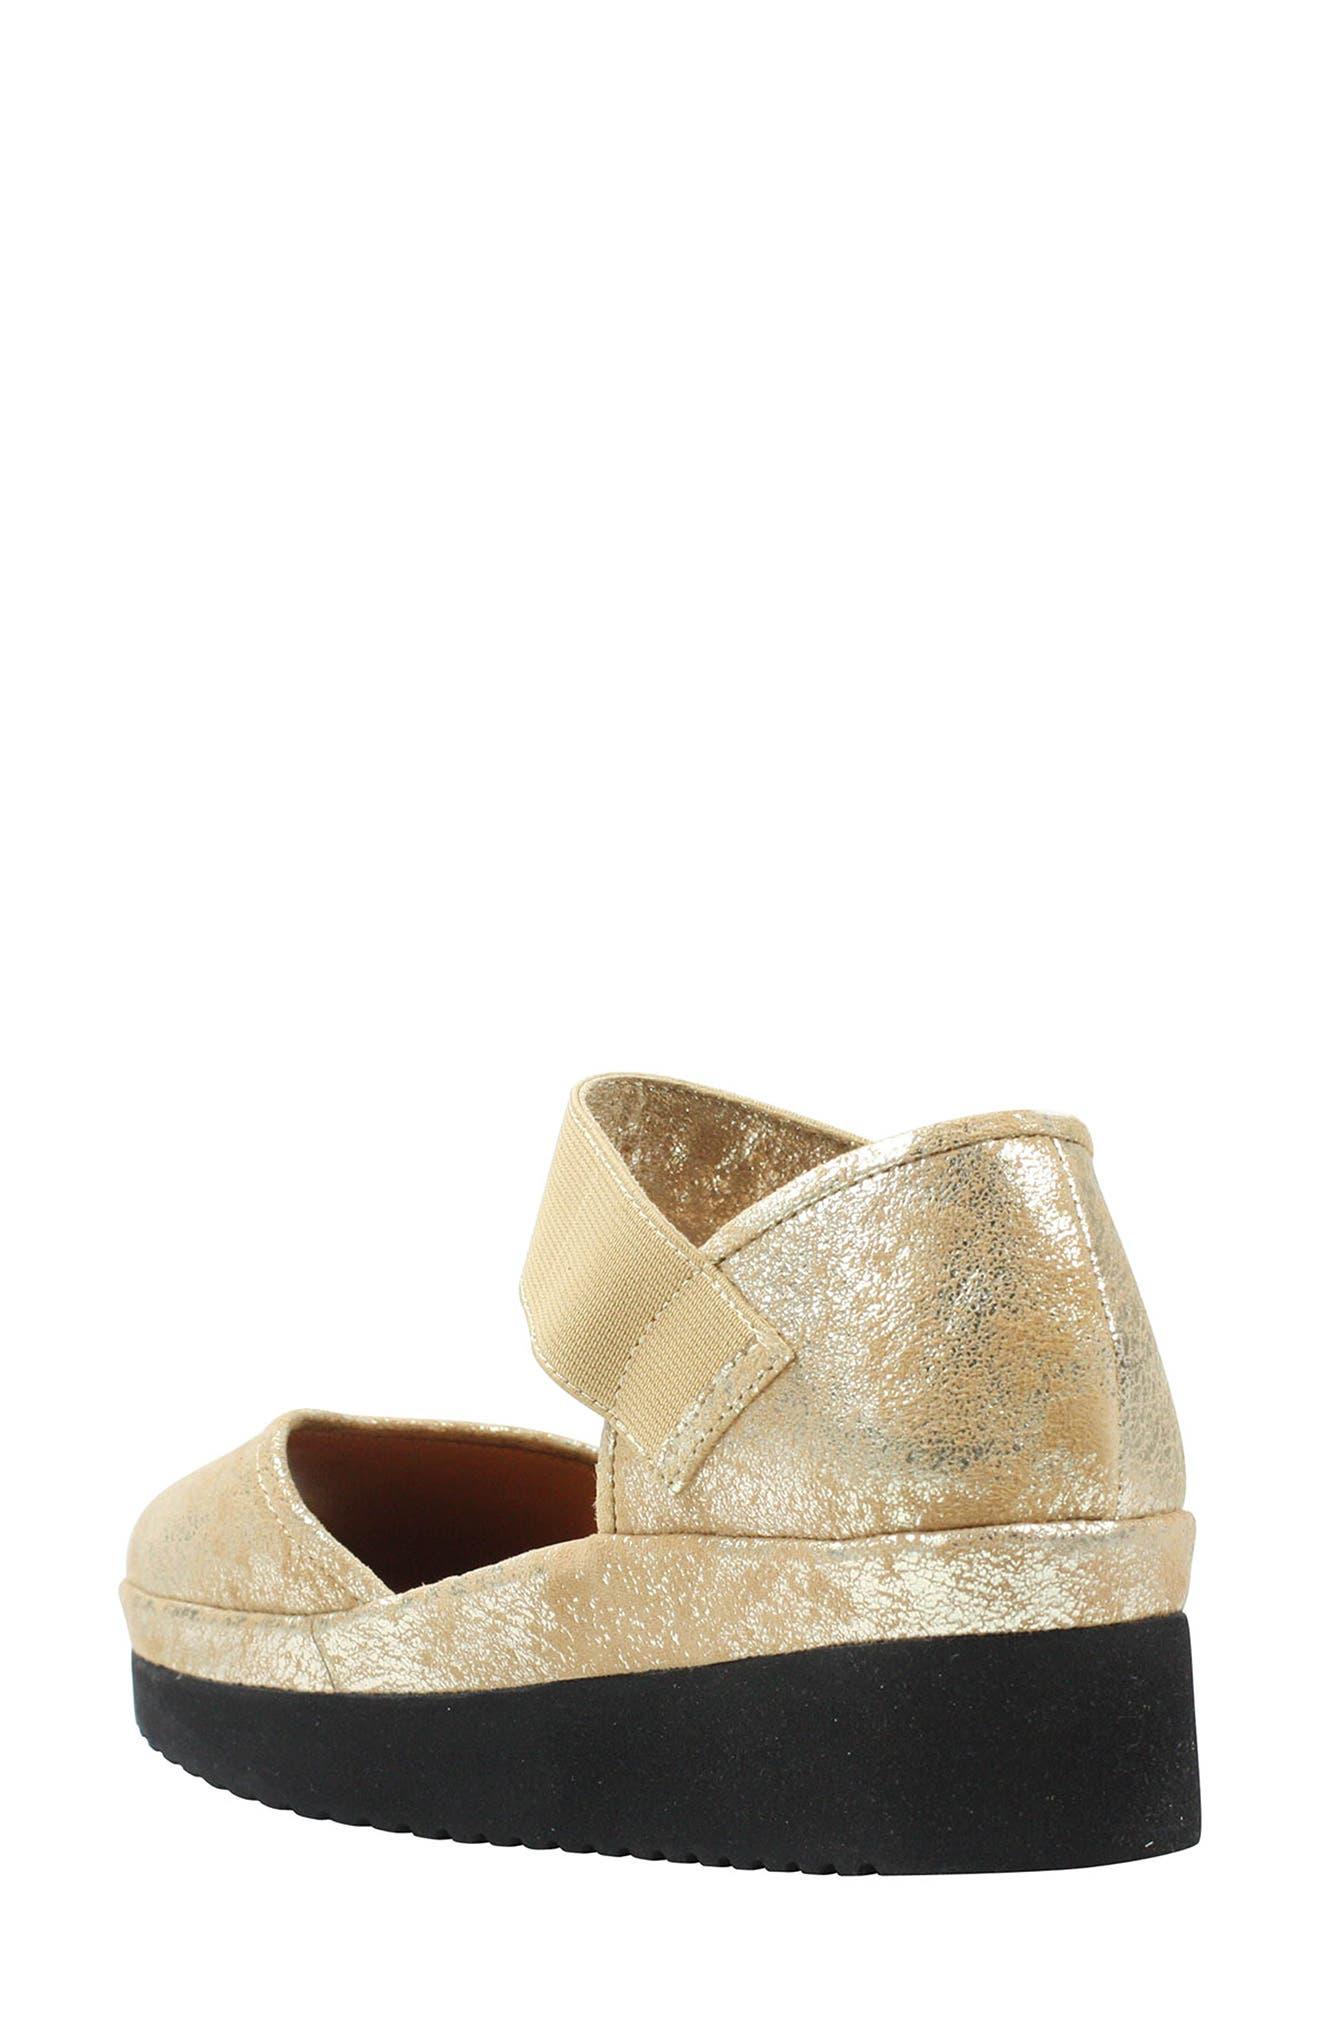 'Amadour' Platform Sandal,                             Alternate thumbnail 2, color,                             GOLD LEATHER